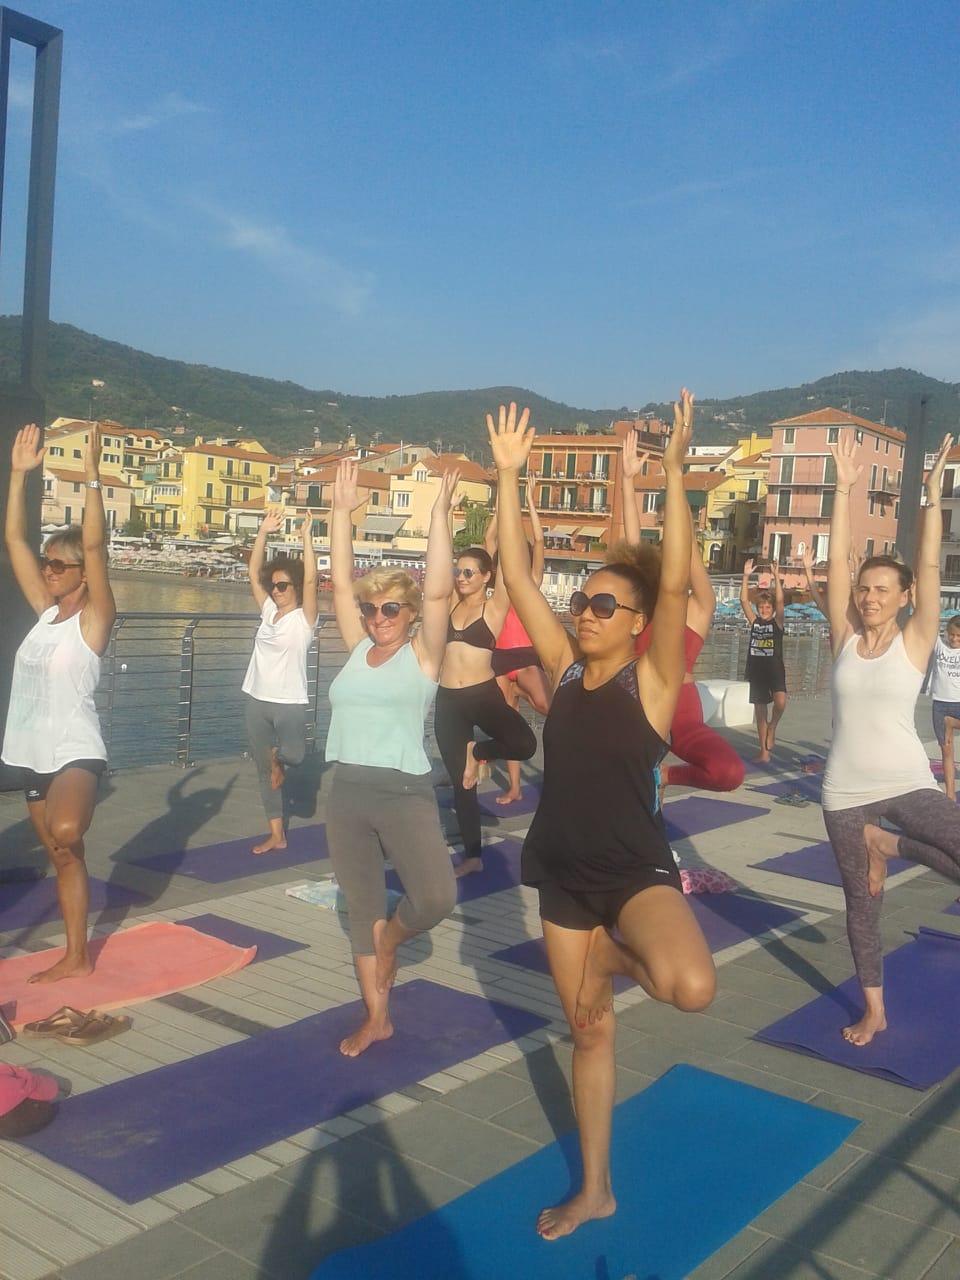 1_essere-free-yoga-gratuito-benessere-per-tutti-village-citta-alassio-estate-lucia-ragazzi-summer-town-wellness-094